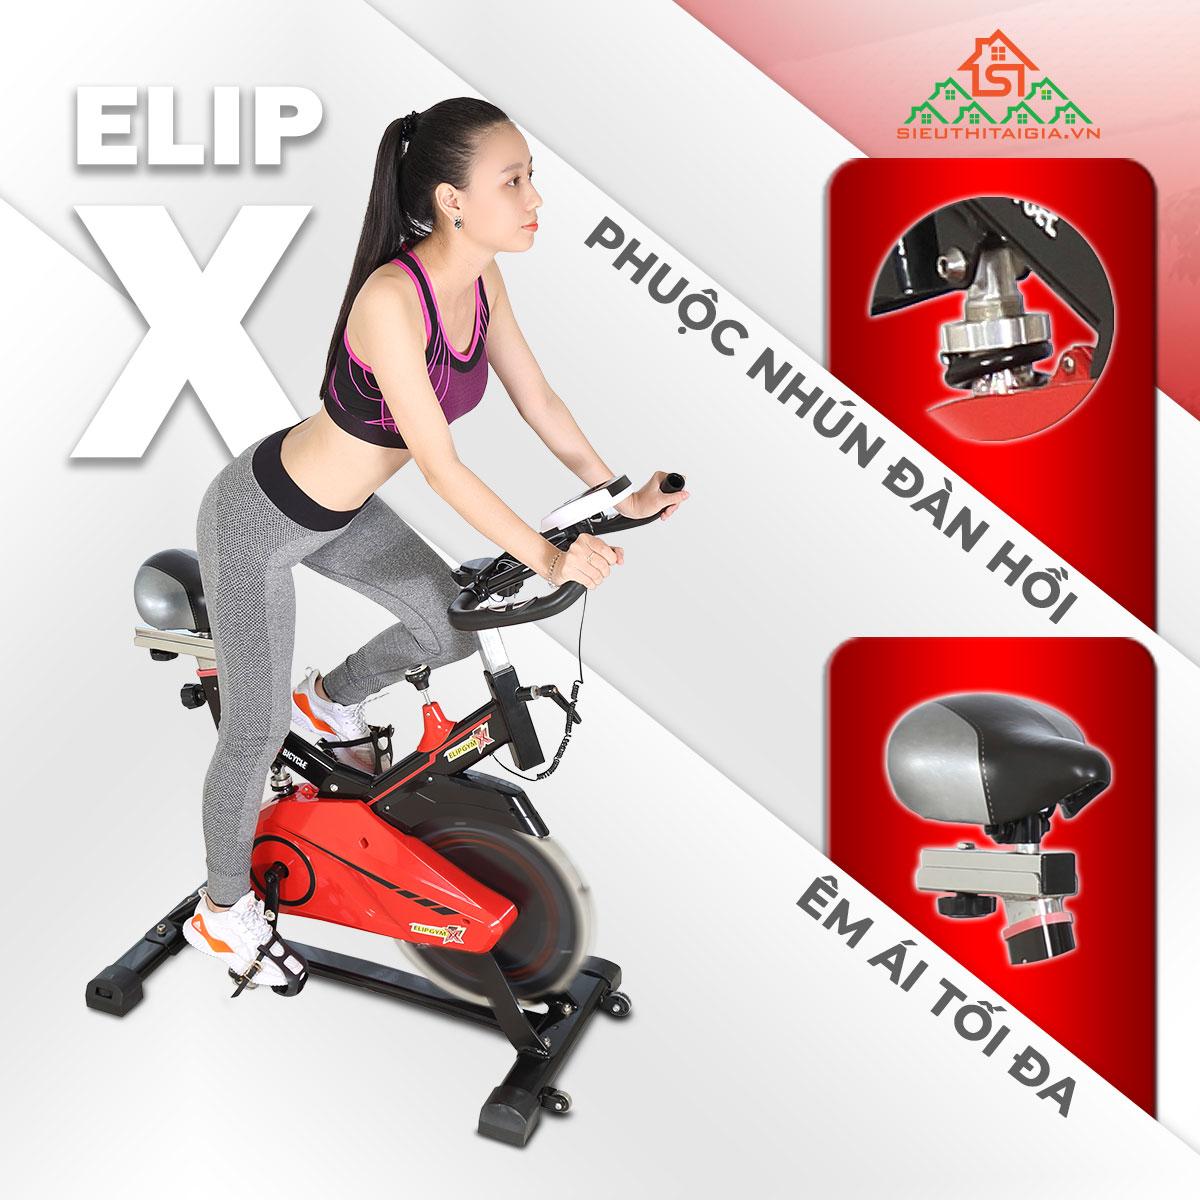 kết cấu Xe đạp tập Elip X